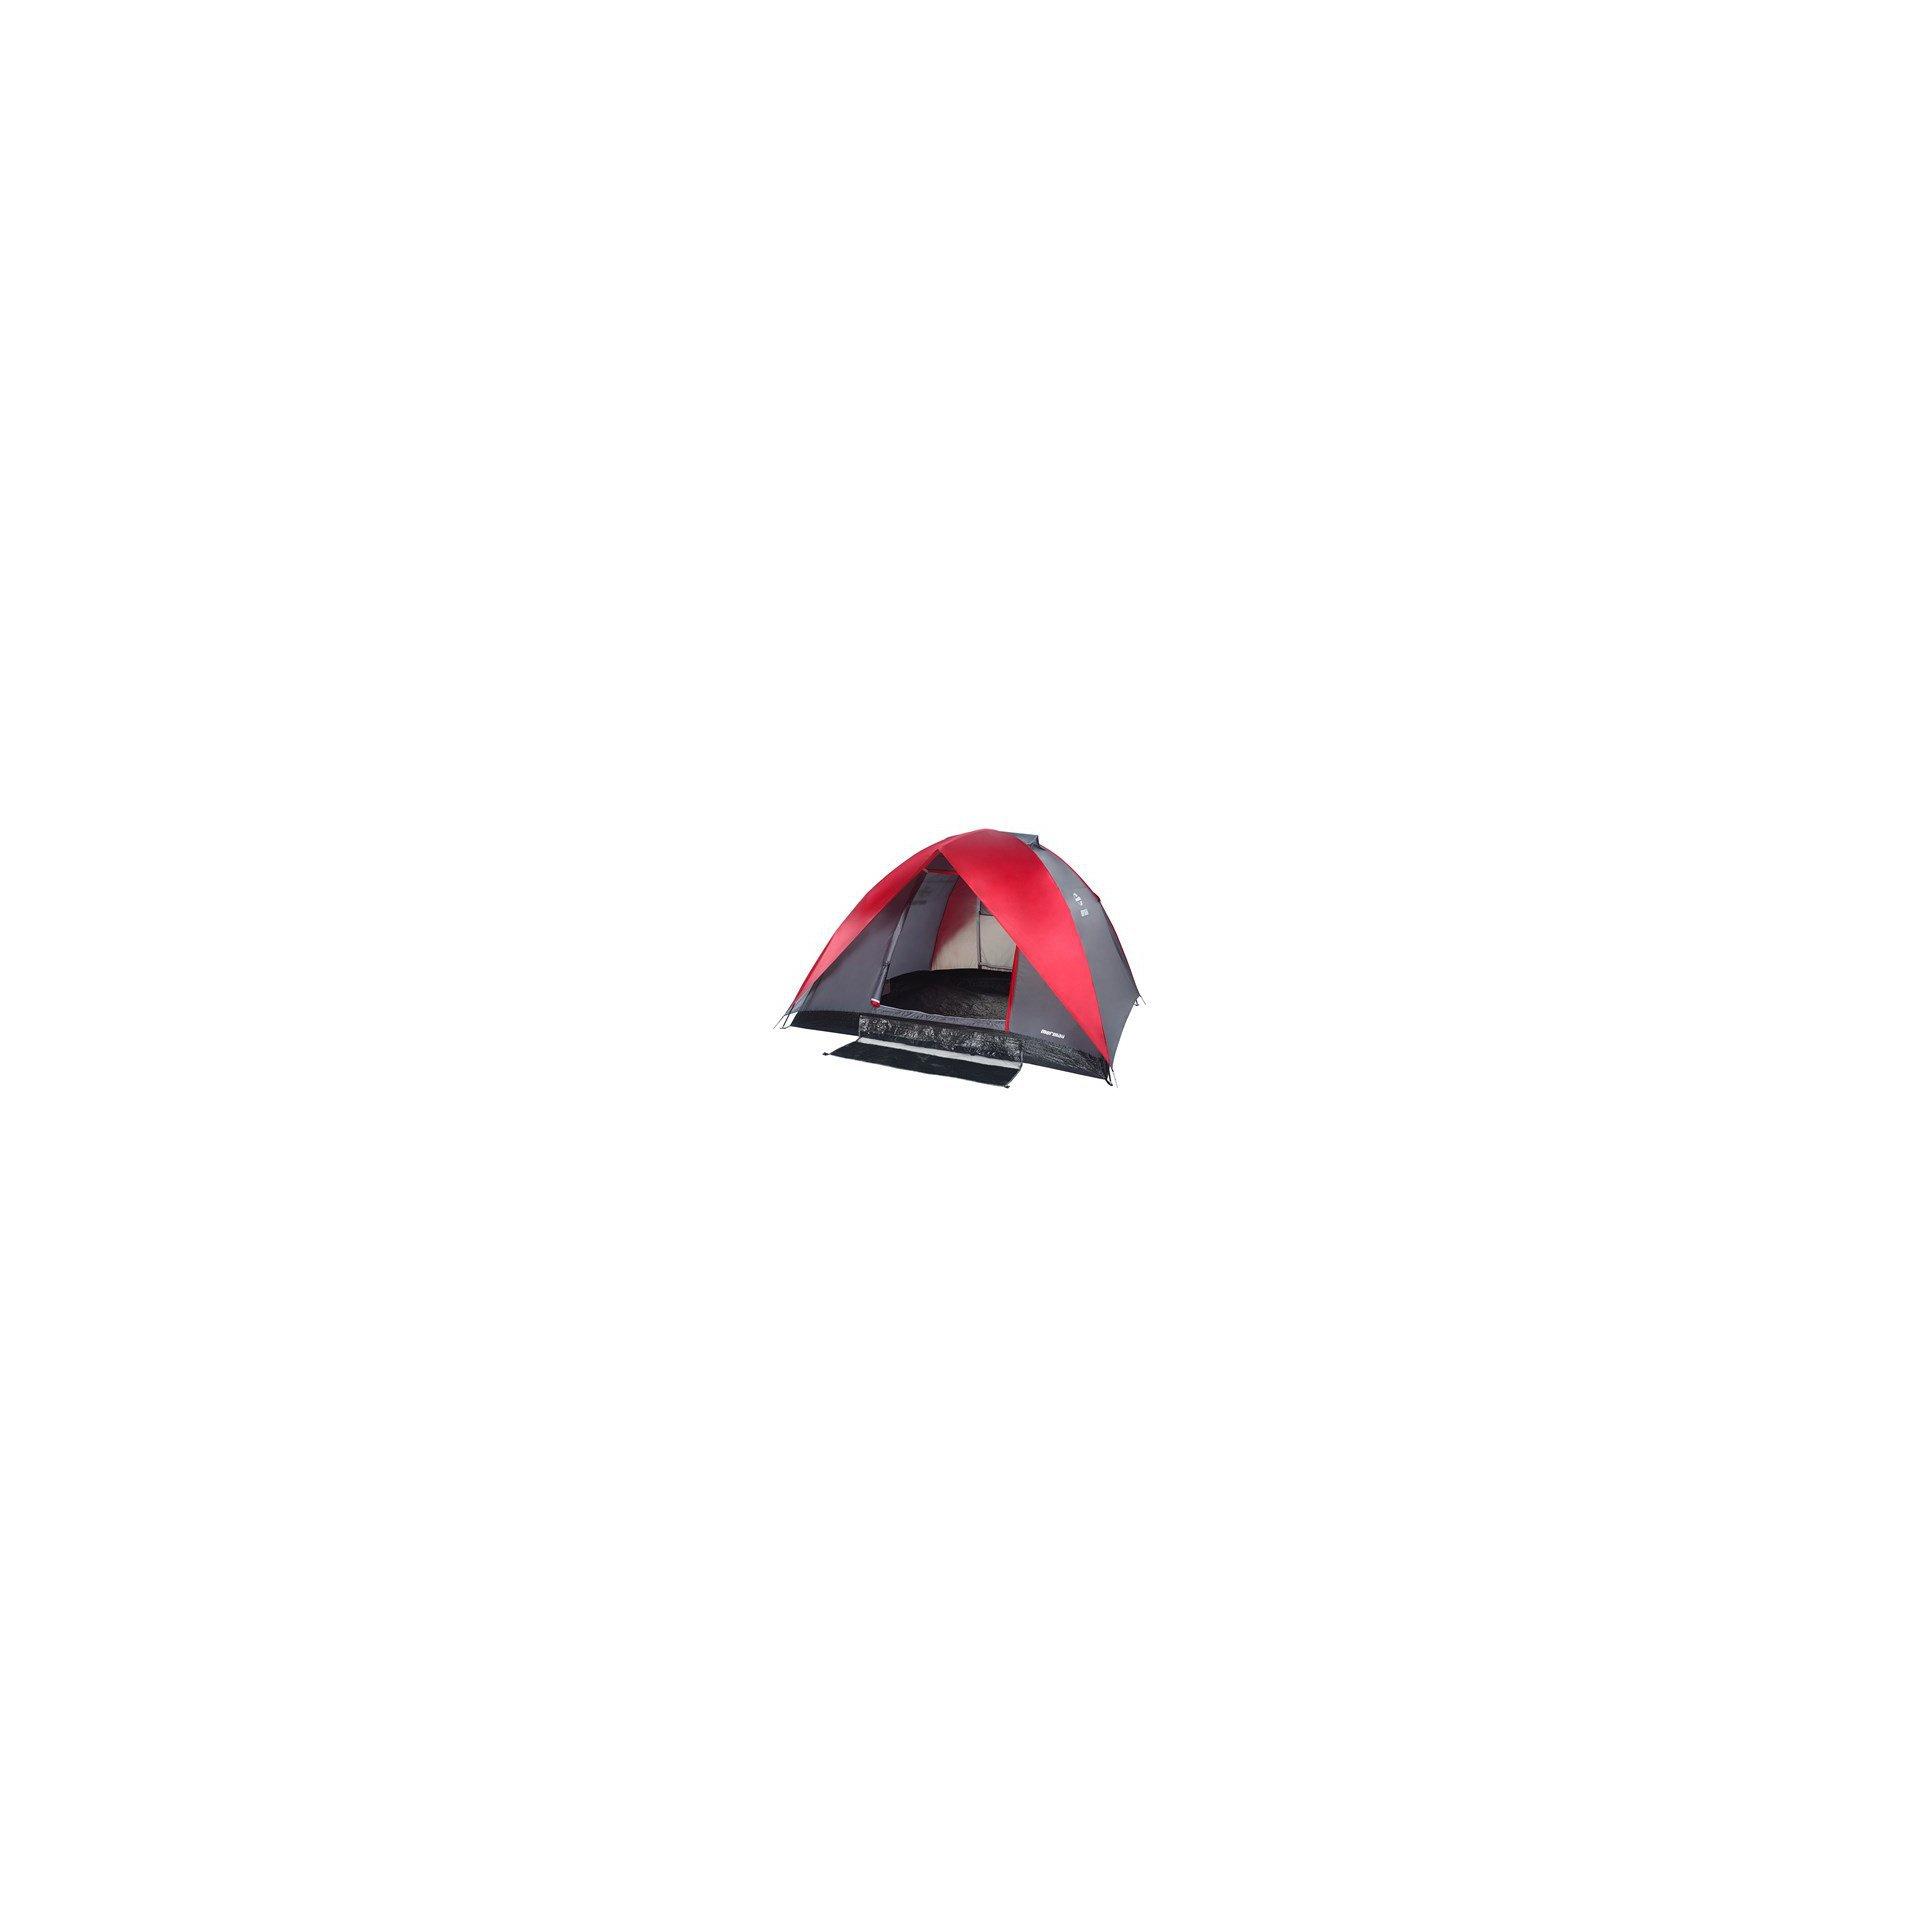 Barraca Mormaii Brava 6 - Vermelha E Cinza